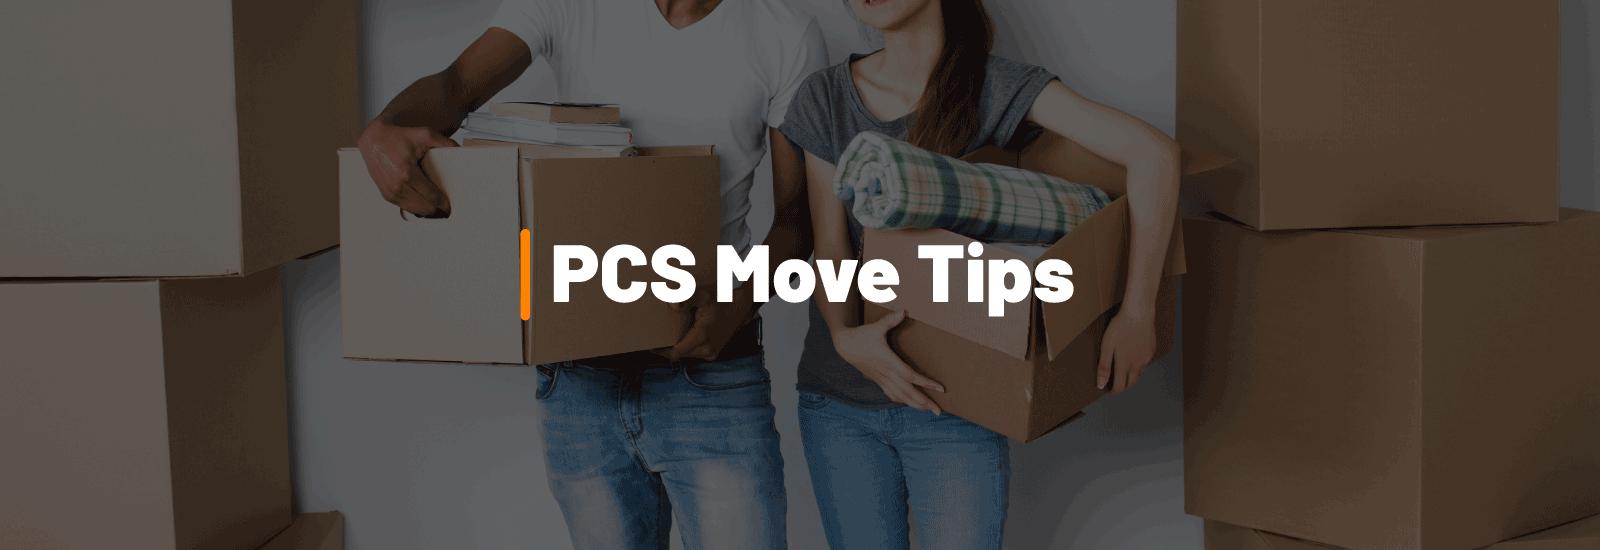 PCS Move Tips